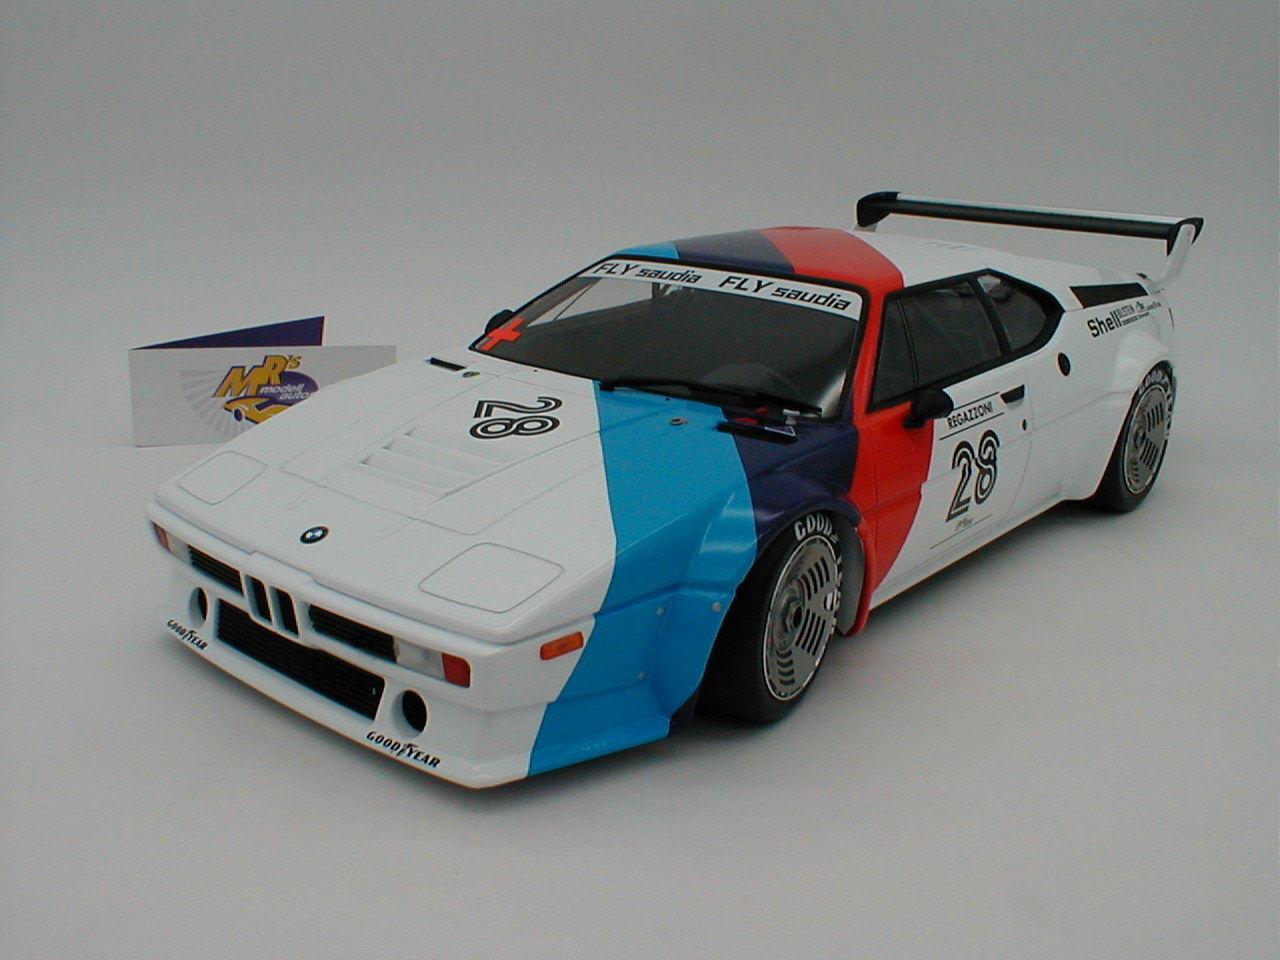 MINICHAMPS 125792928-Bmw m1 PROCAR SERIE 1979  Clay Regazzoni  1 12 Nouveauté